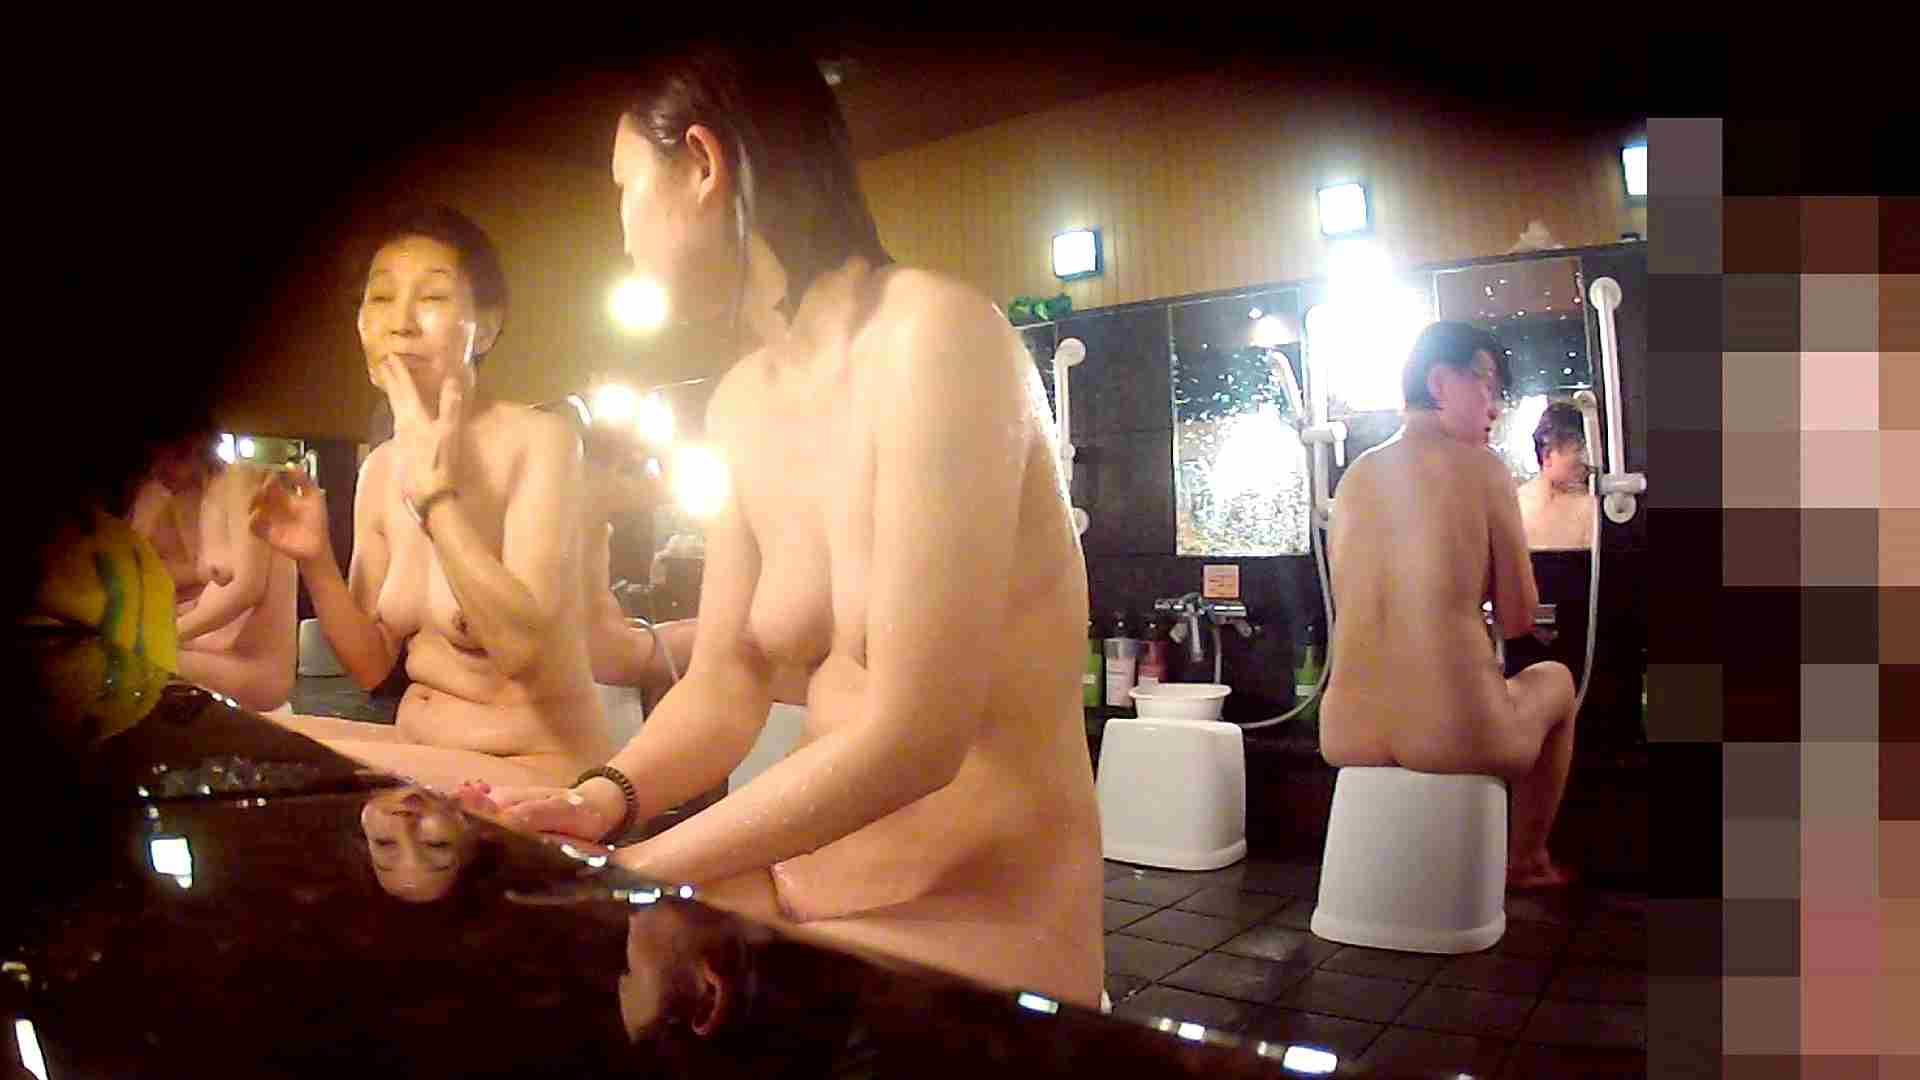 洗い場!陰毛が綺麗に整ってる微美人お嬢様 美人  39Pix 14